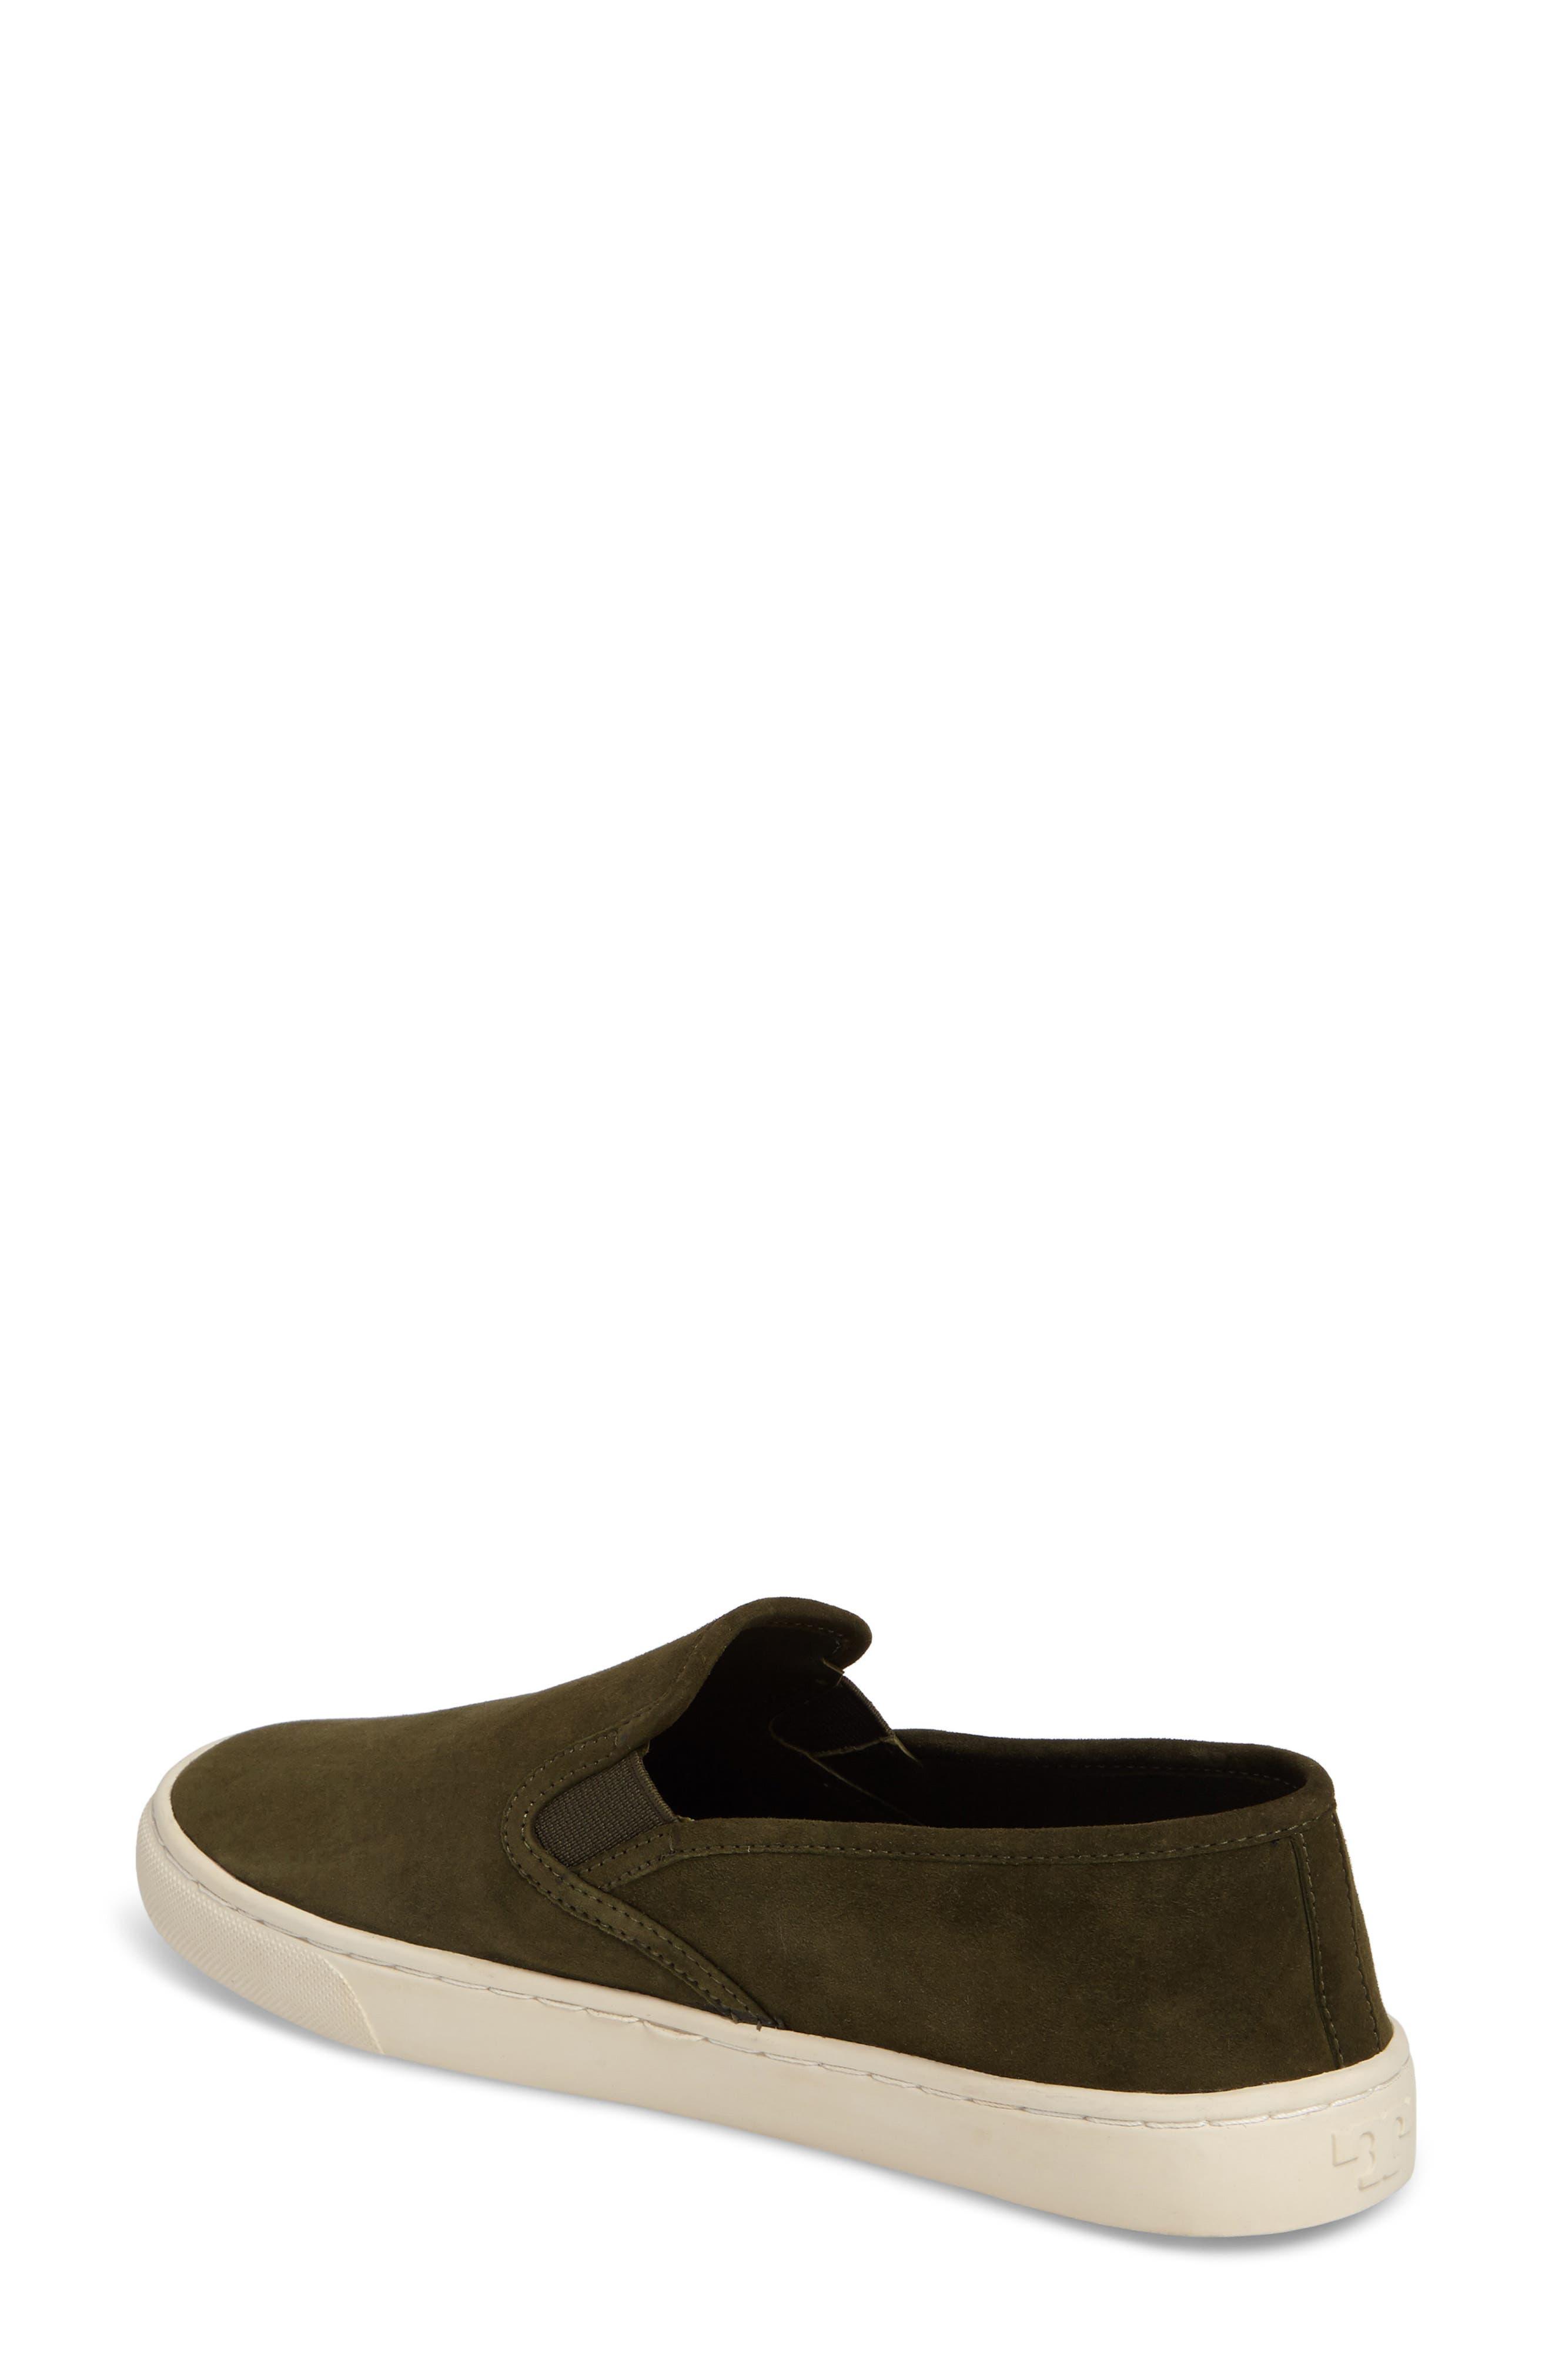 Max Slip-On Sneaker,                             Alternate thumbnail 9, color,